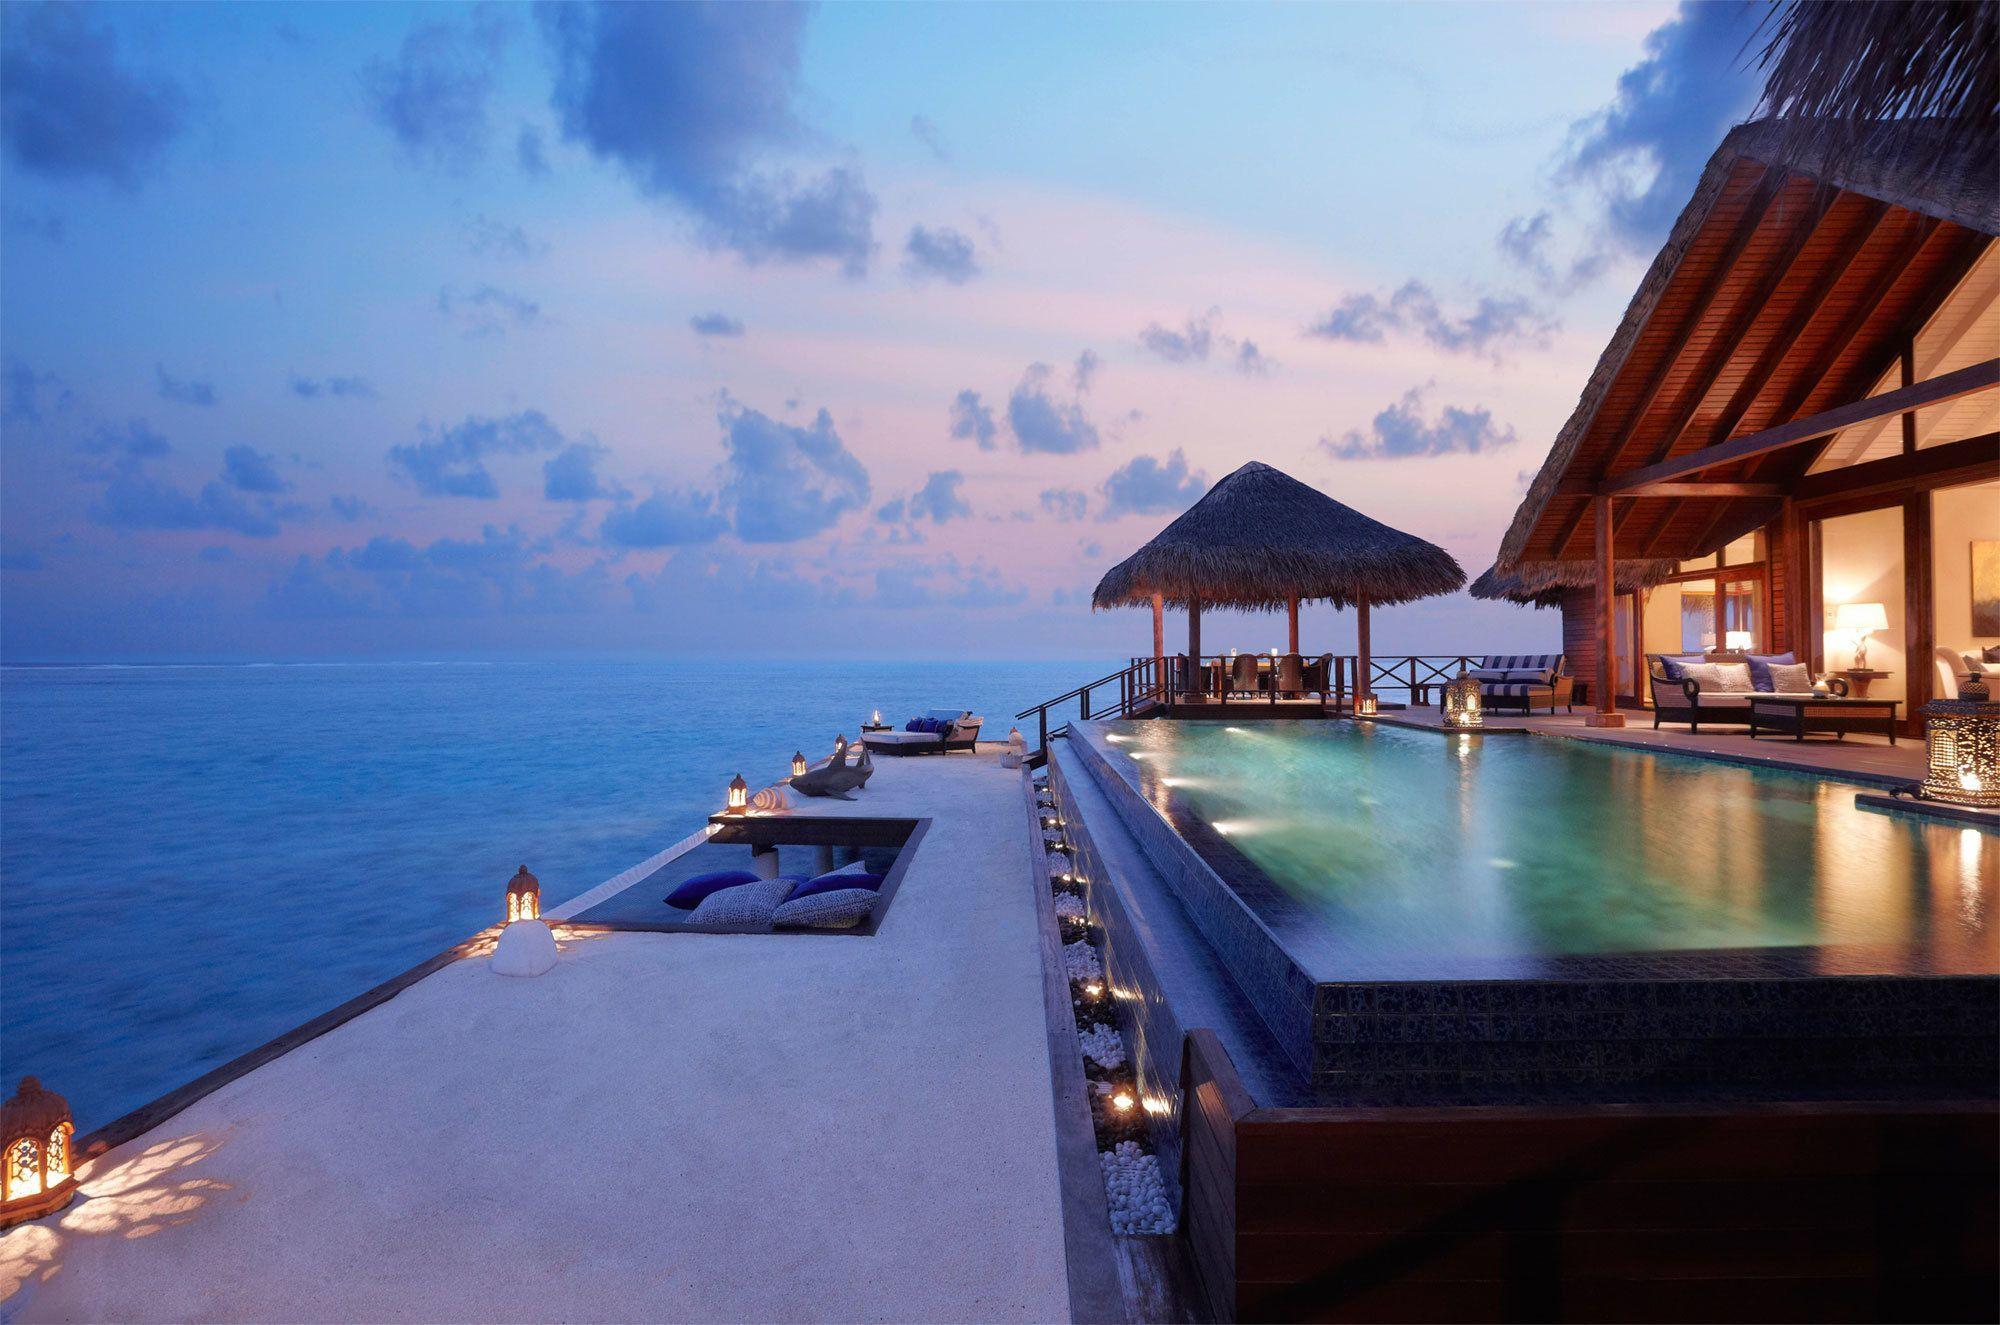 Отель, Мальдивы обои скачать